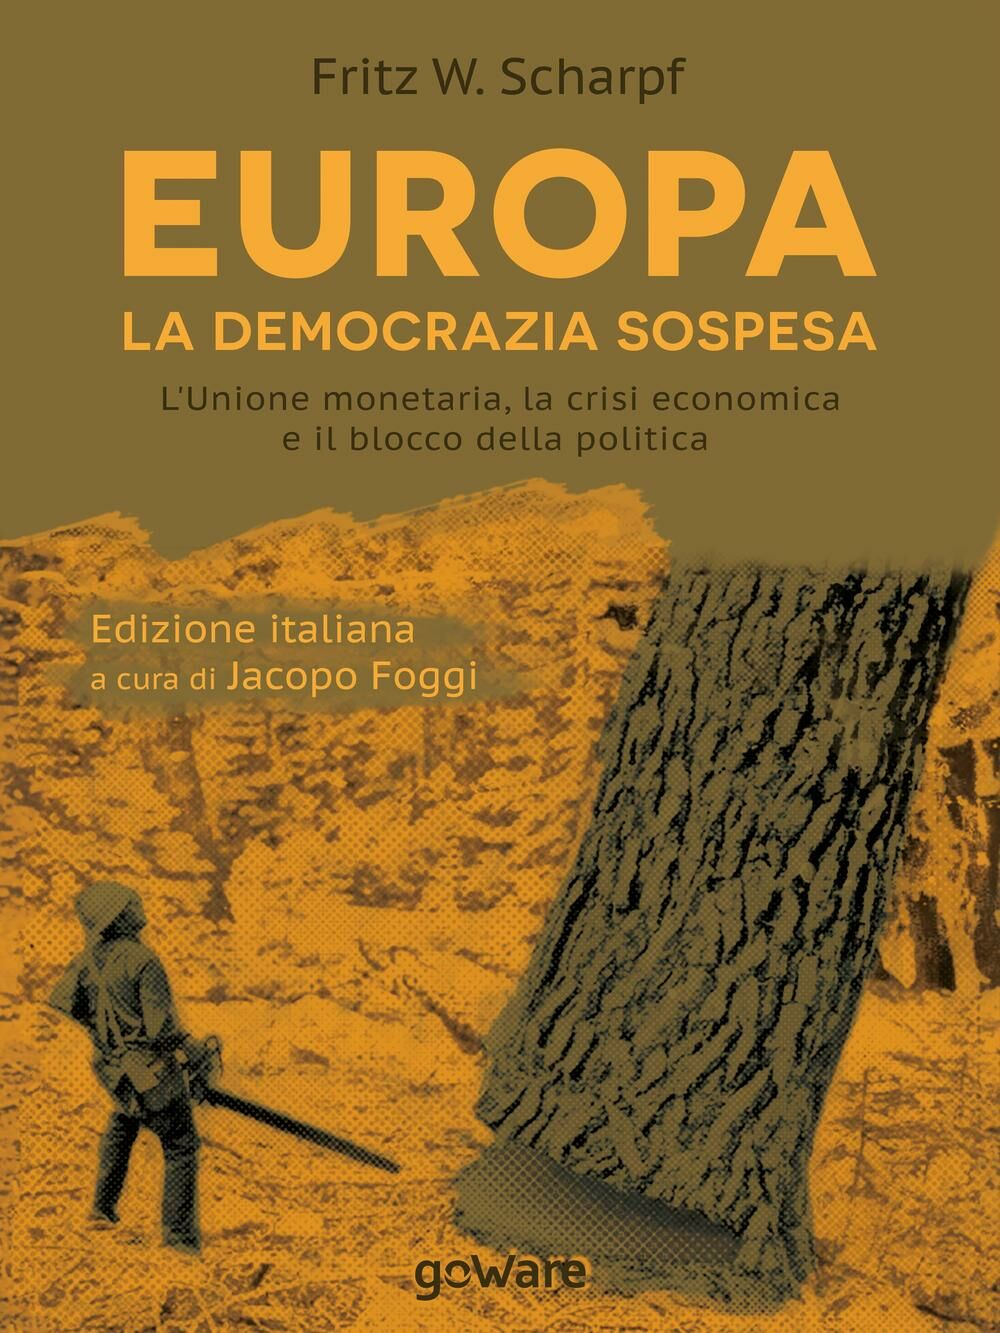 Europa. La democrazia sospesa. L'unione monetaria, la crisi economica e il blocco della politica